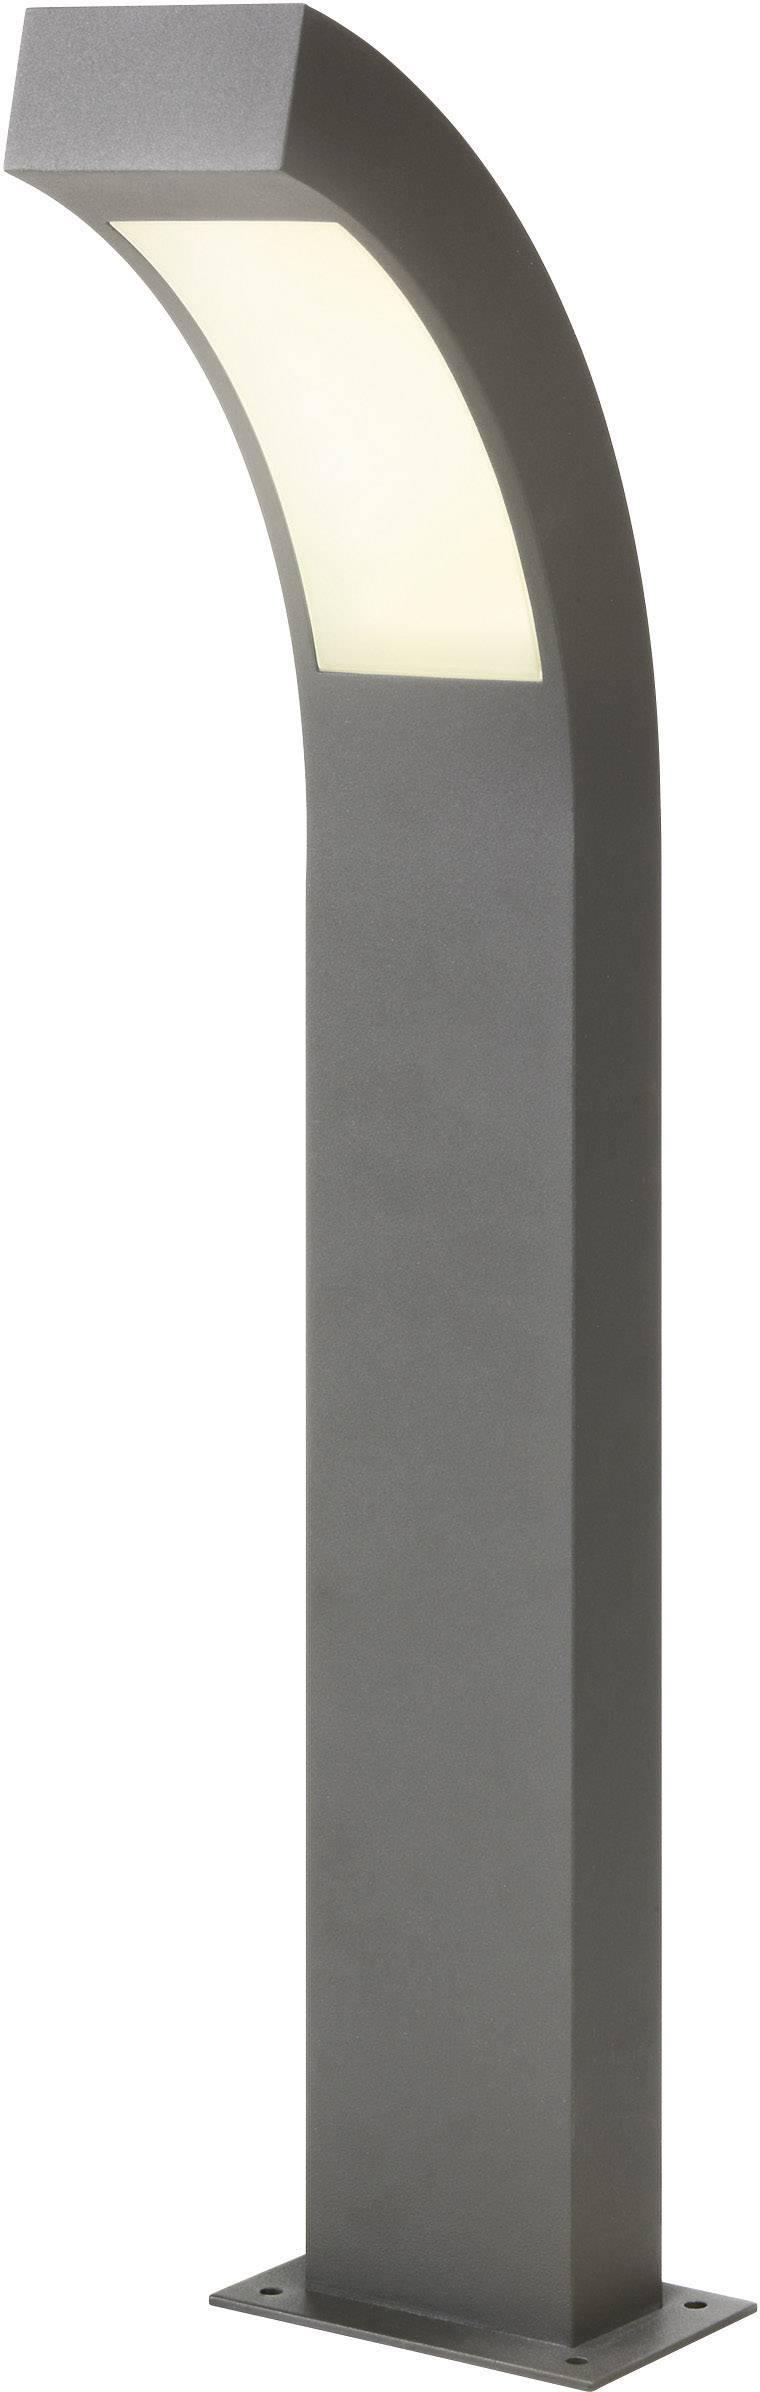 LEDvonkajšiastojaca lampa Esotec Line 105191, 4.5 W, neutrálne biela, 60 cm, antracitová